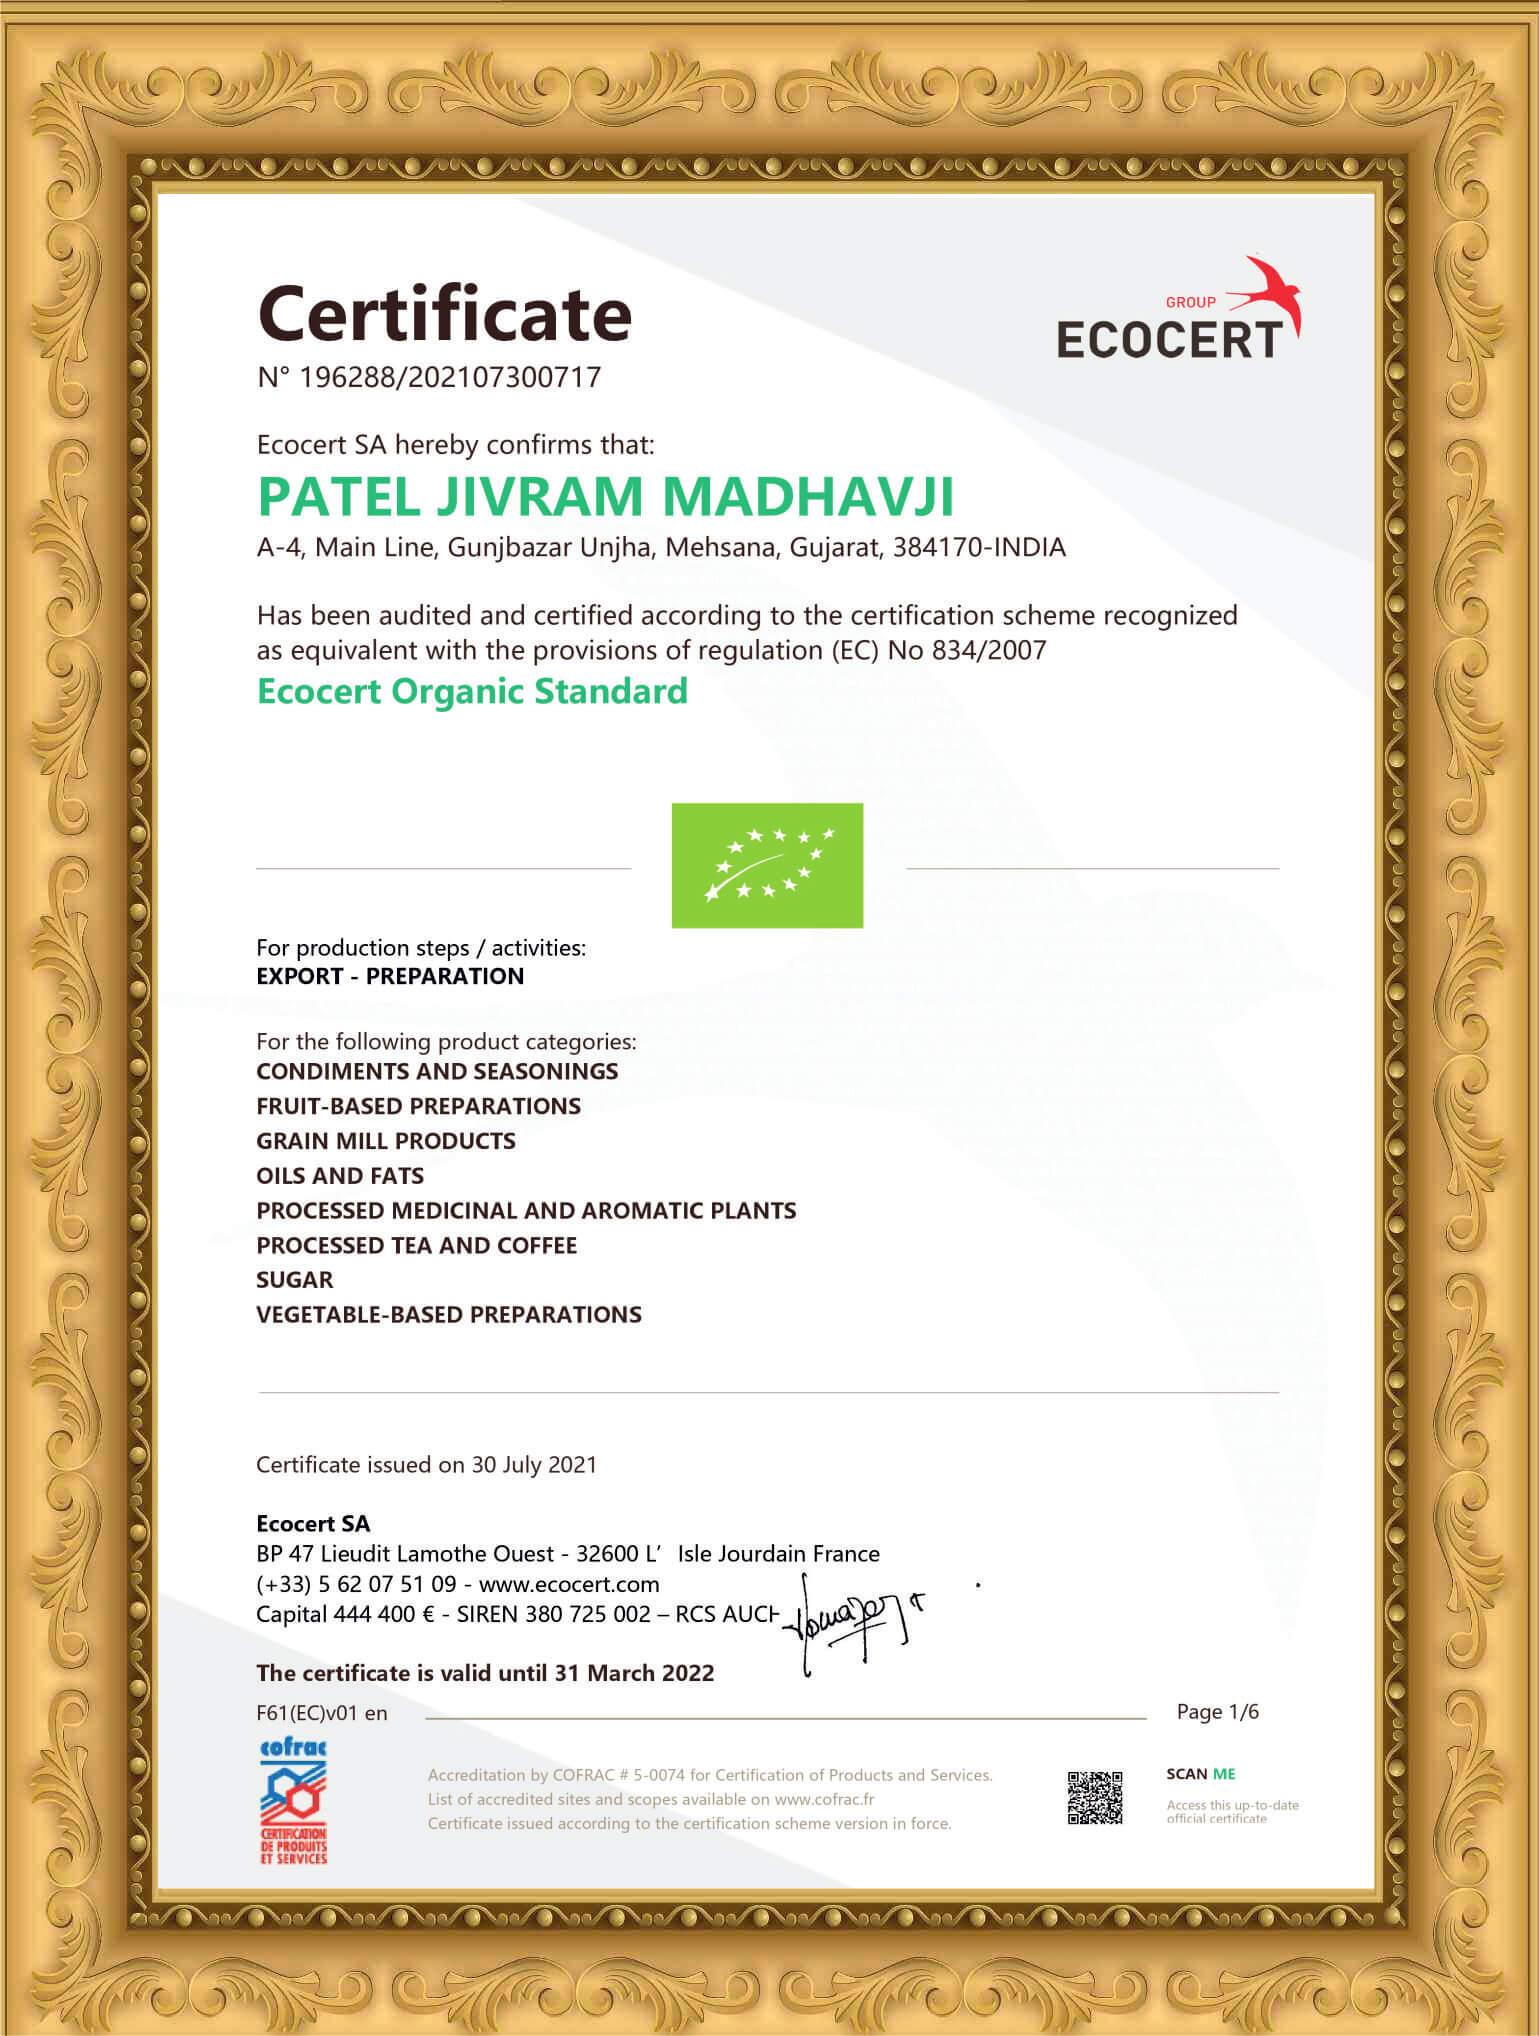 certificate-1-min.jpg